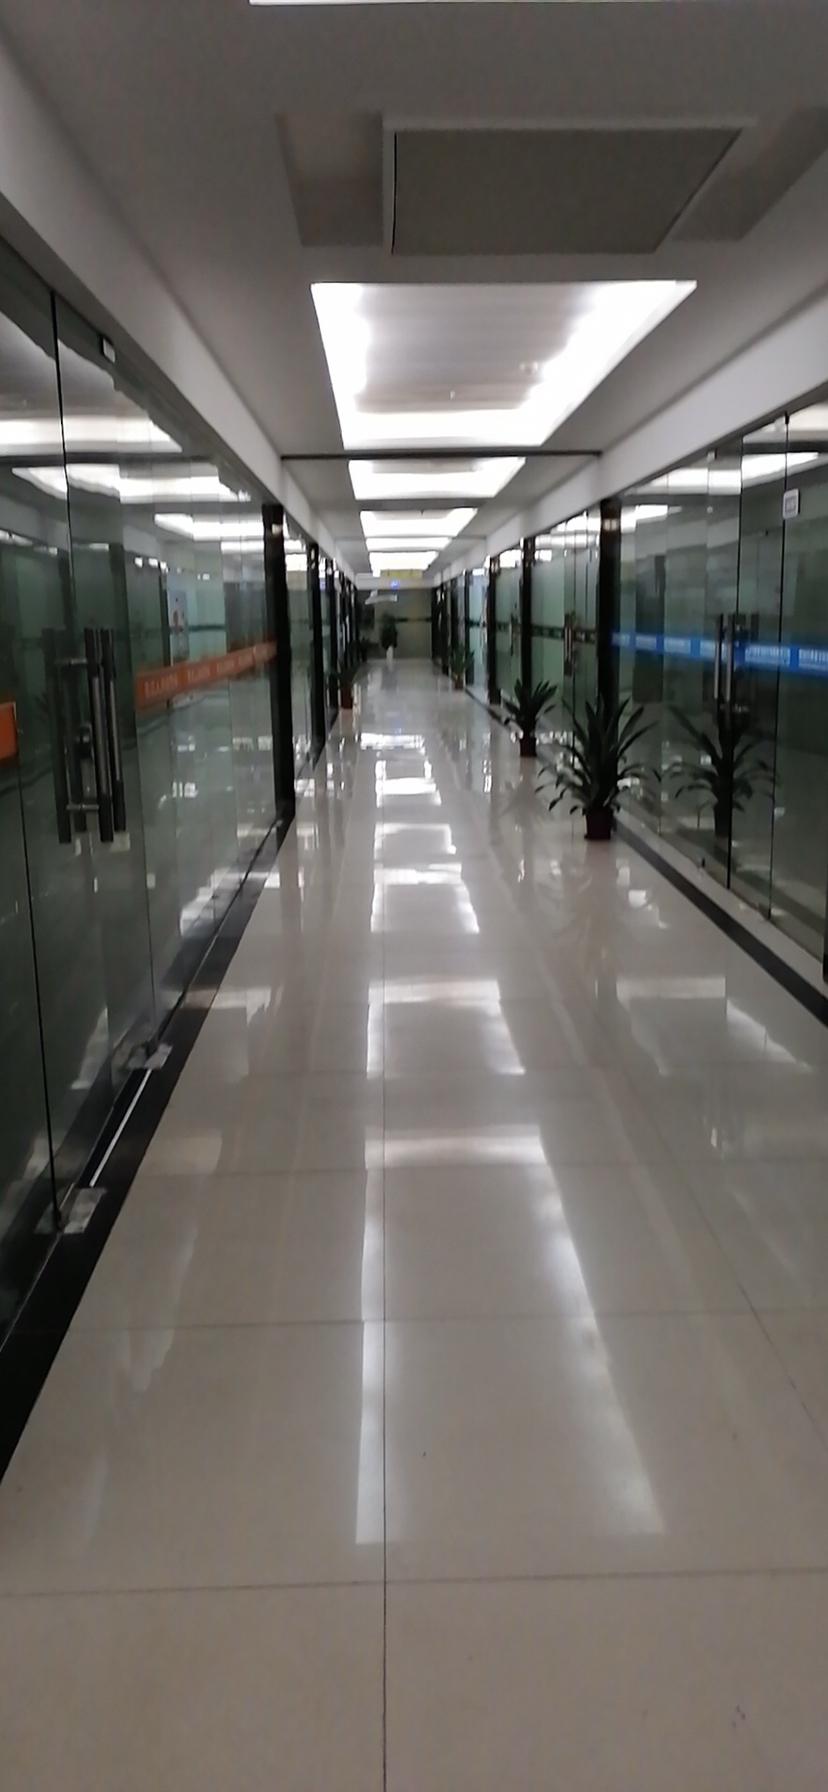 精装修办公室仓库出租,地理位置优越